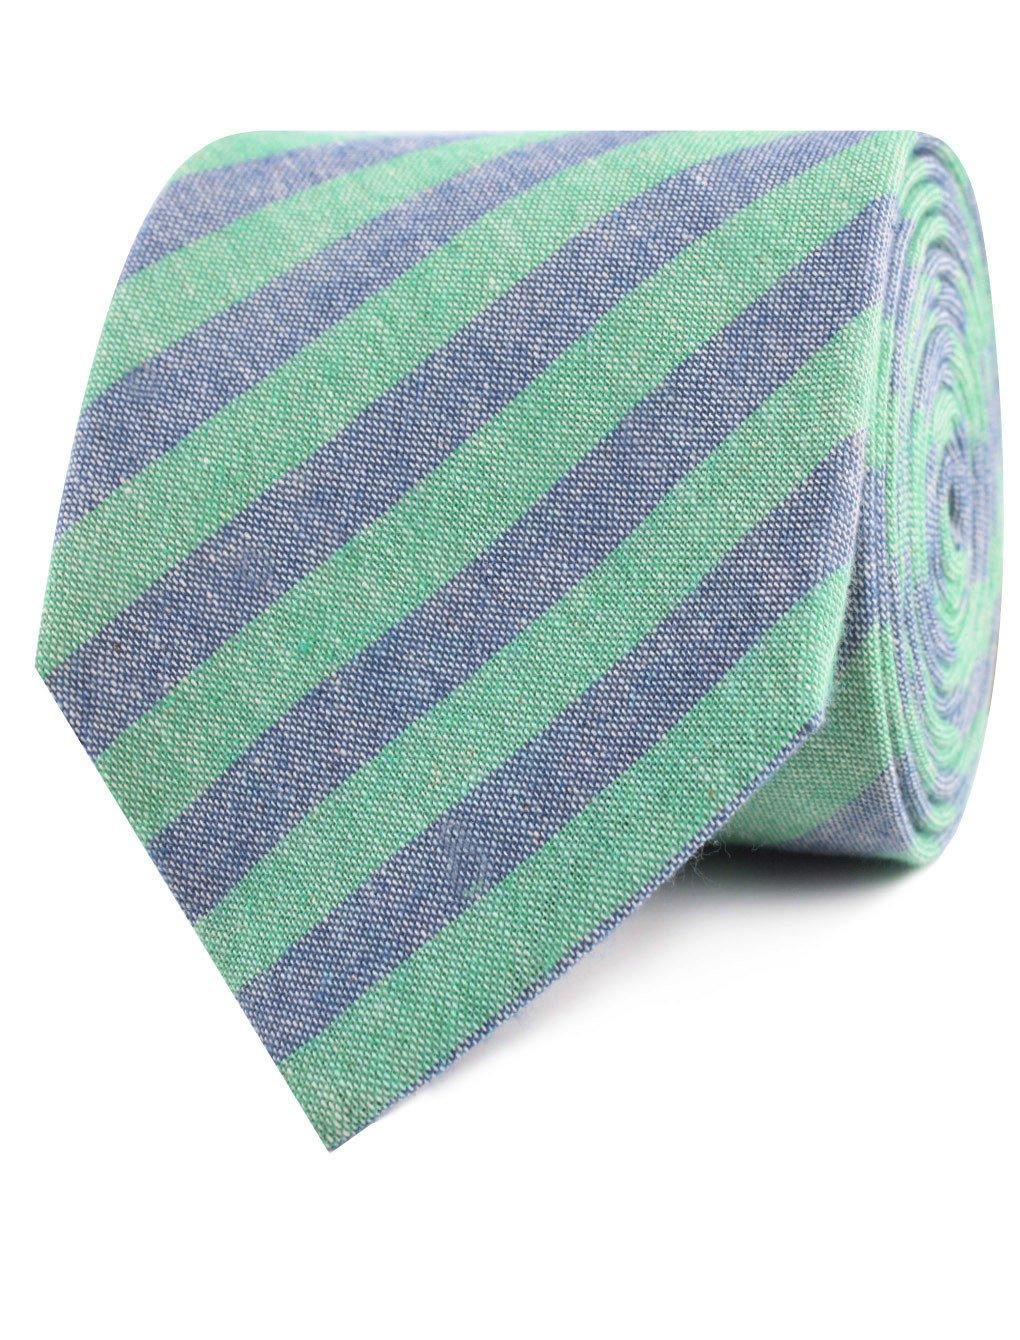 InStitchu Accessories tie  OTAA Green & Blue Bengal Linen Tie